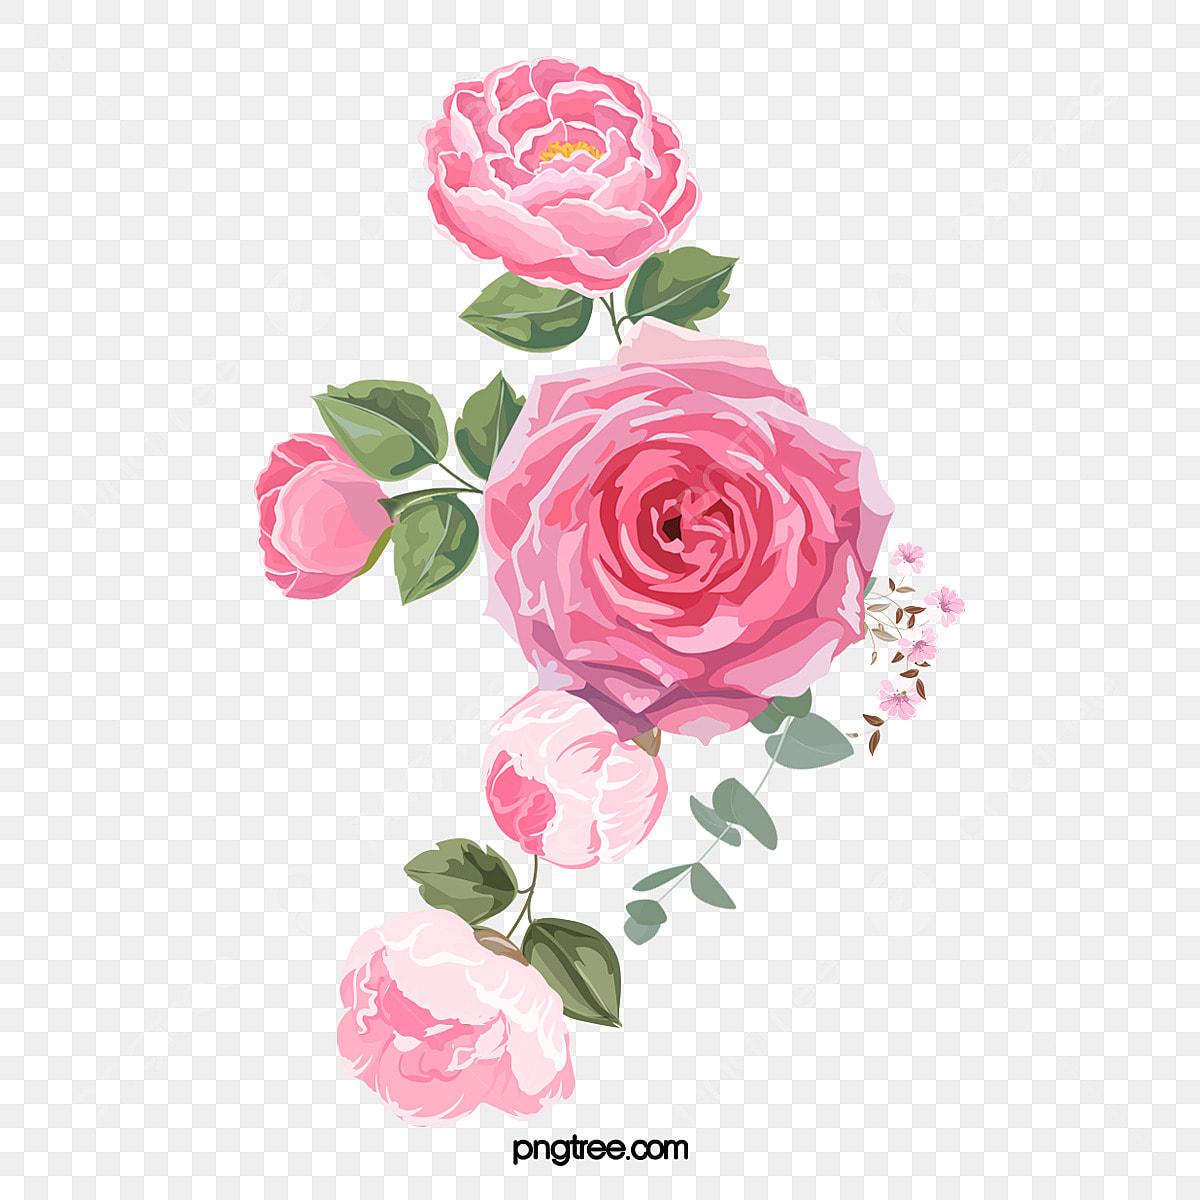 Desenhos Animados Mao Desenhada Rosa Flores Ilustracao Cor De